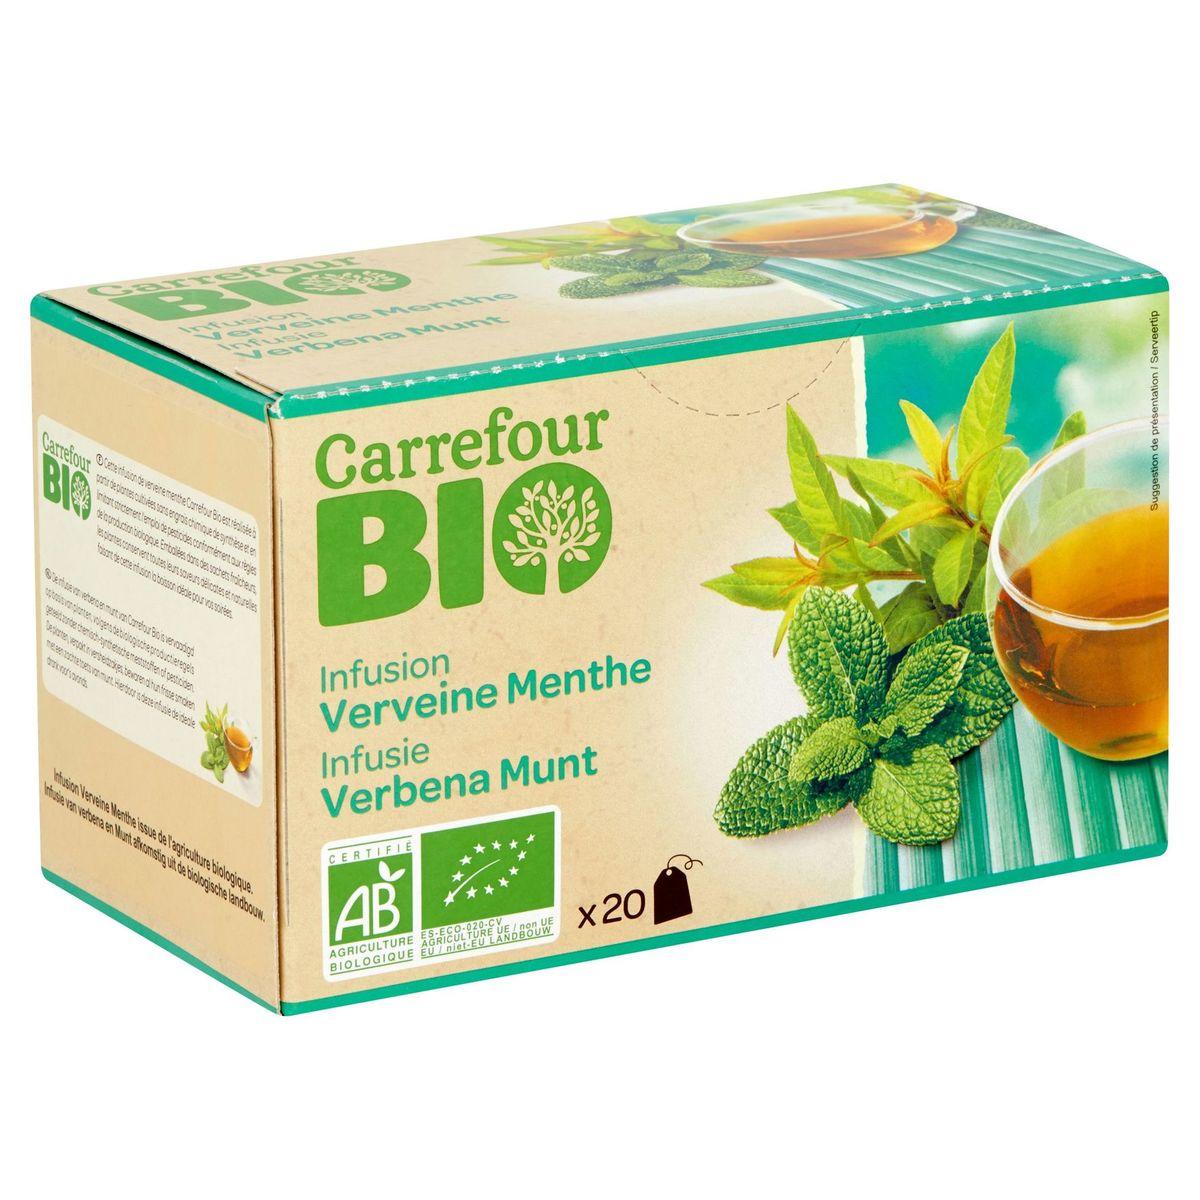 Carrefour Bio Infusion Verveine Menthe 20 Pièces 30 g